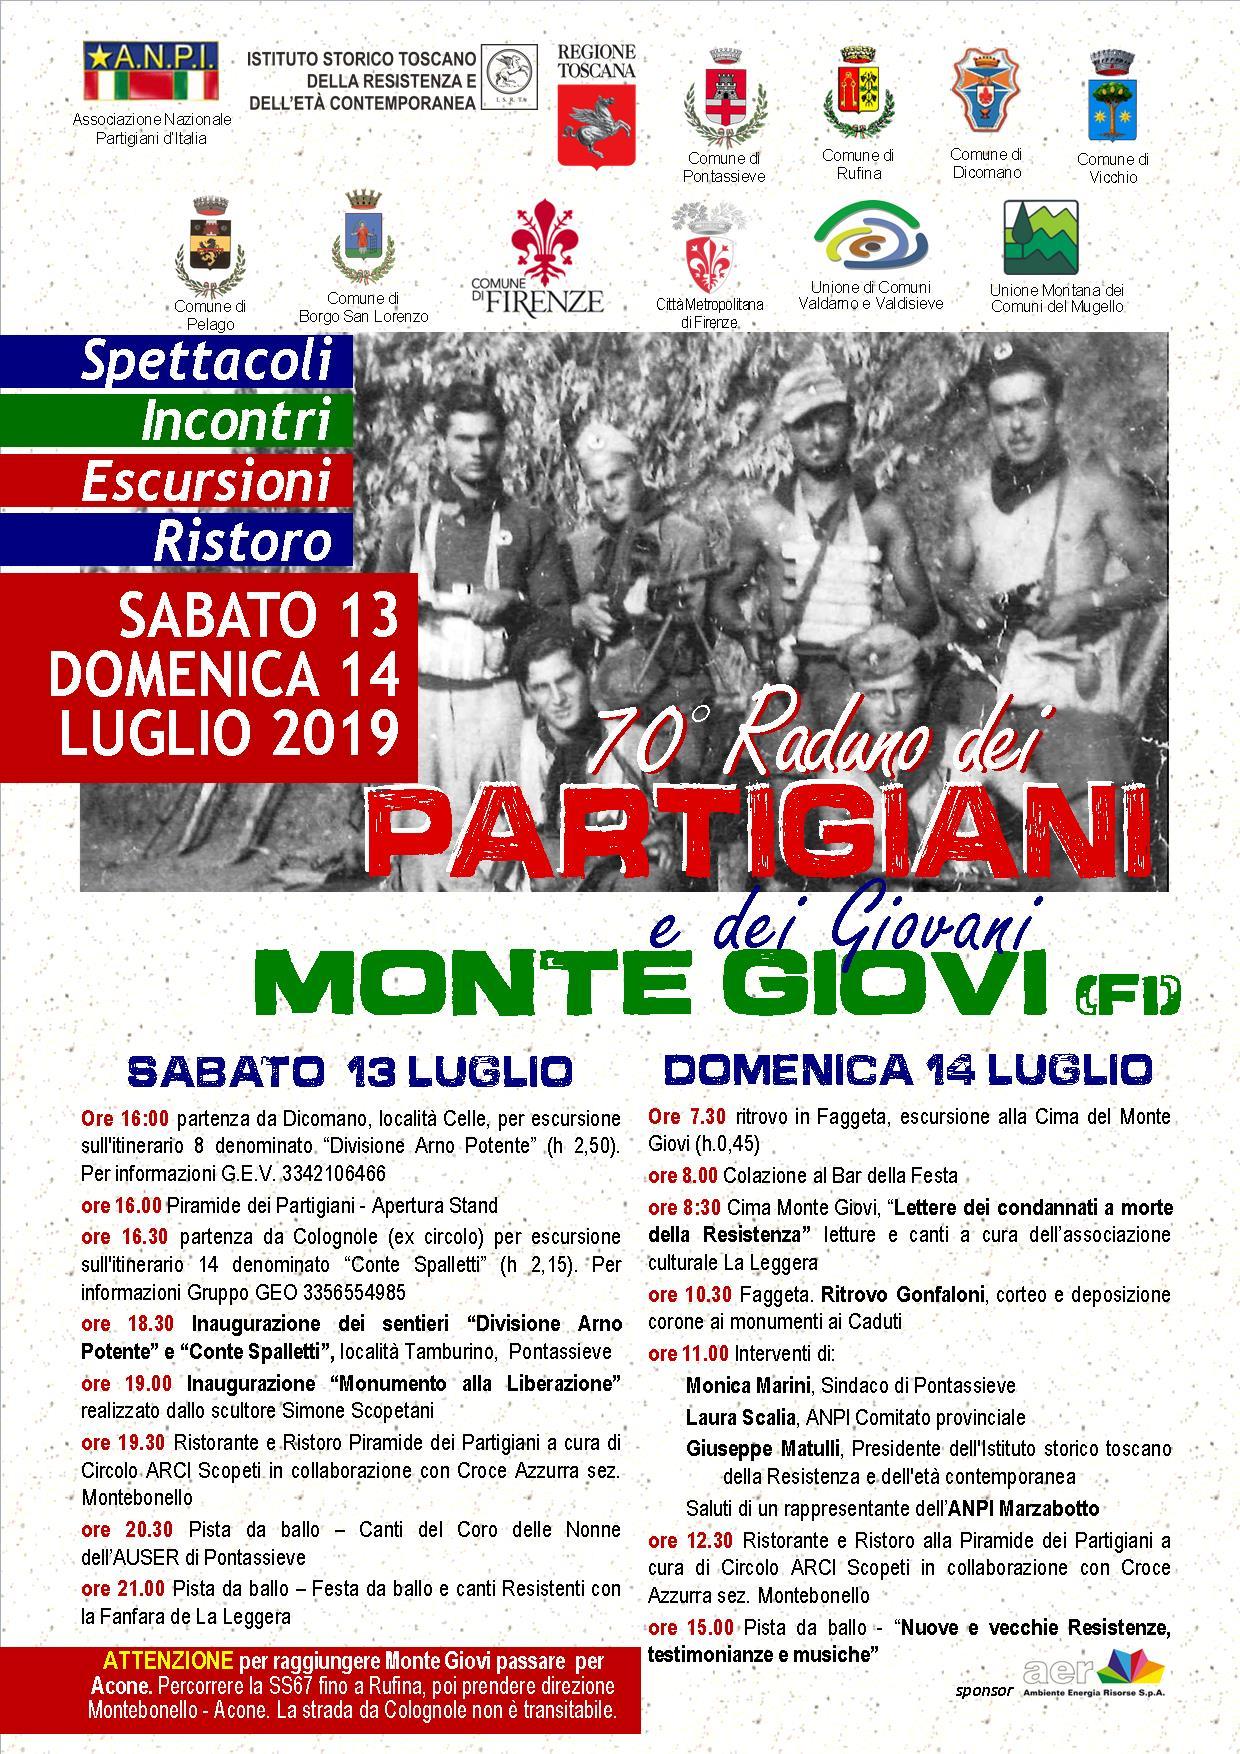 LOCANDINA_Monte Giovi_2019-1